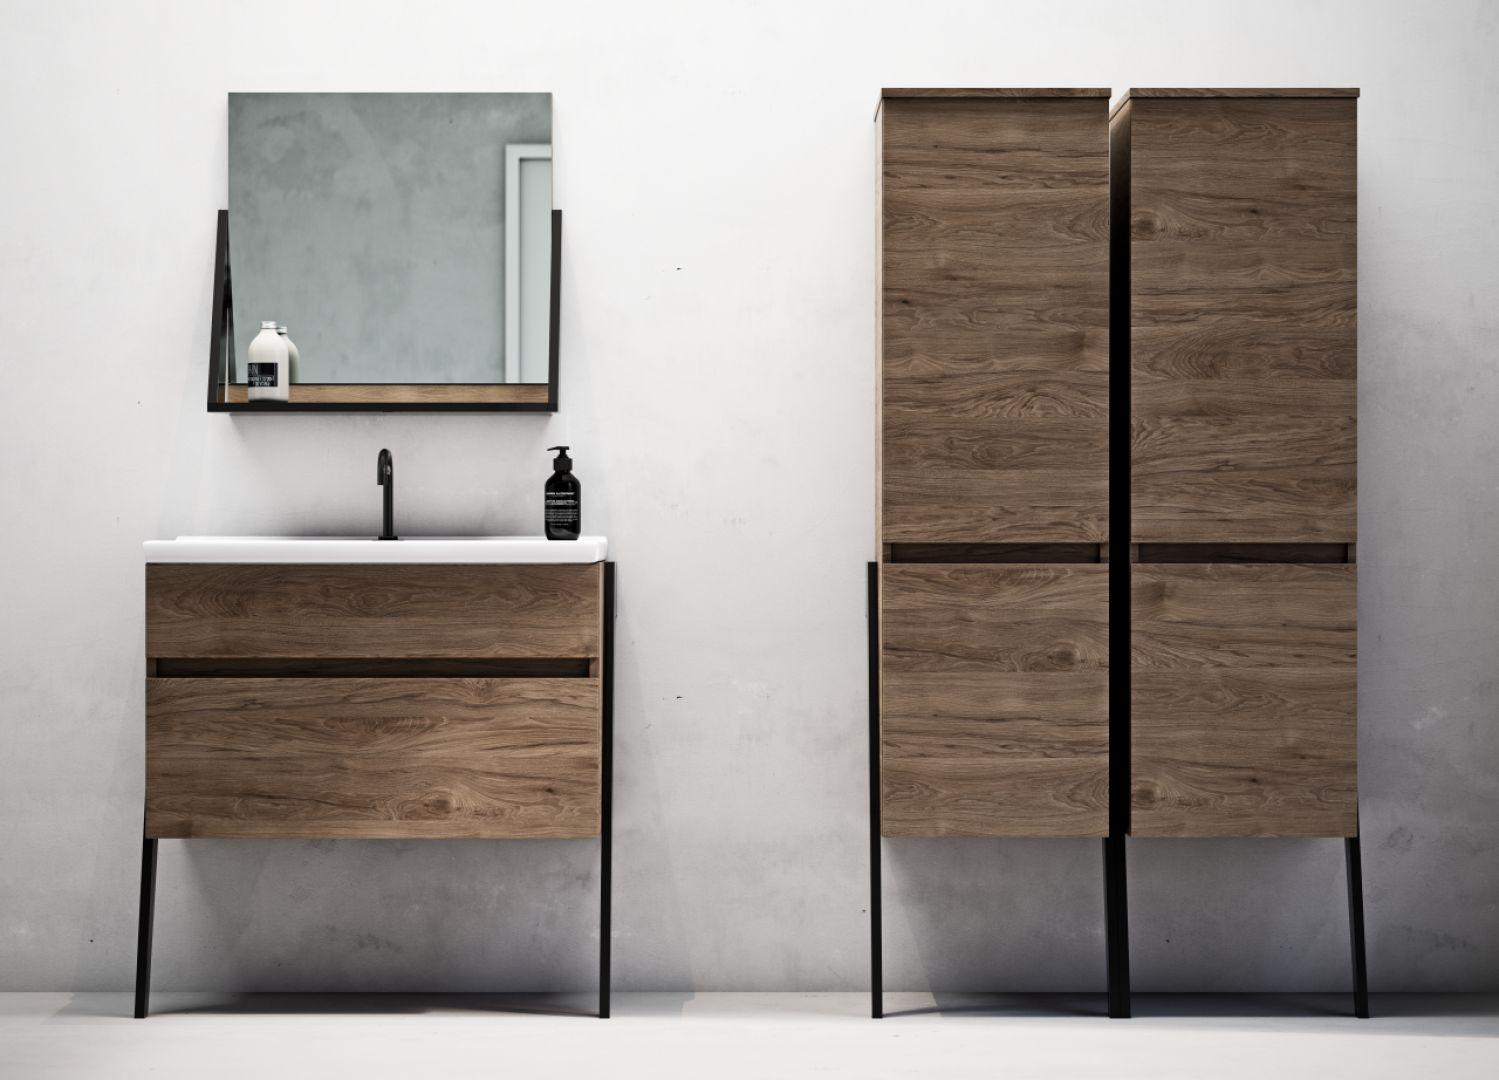 Kolekcja mebli łazienkowych Op-arty decor Rockford oak marki Defra. Cena od 1.020 zł/ szafka pod umywalkę 60 cm biała